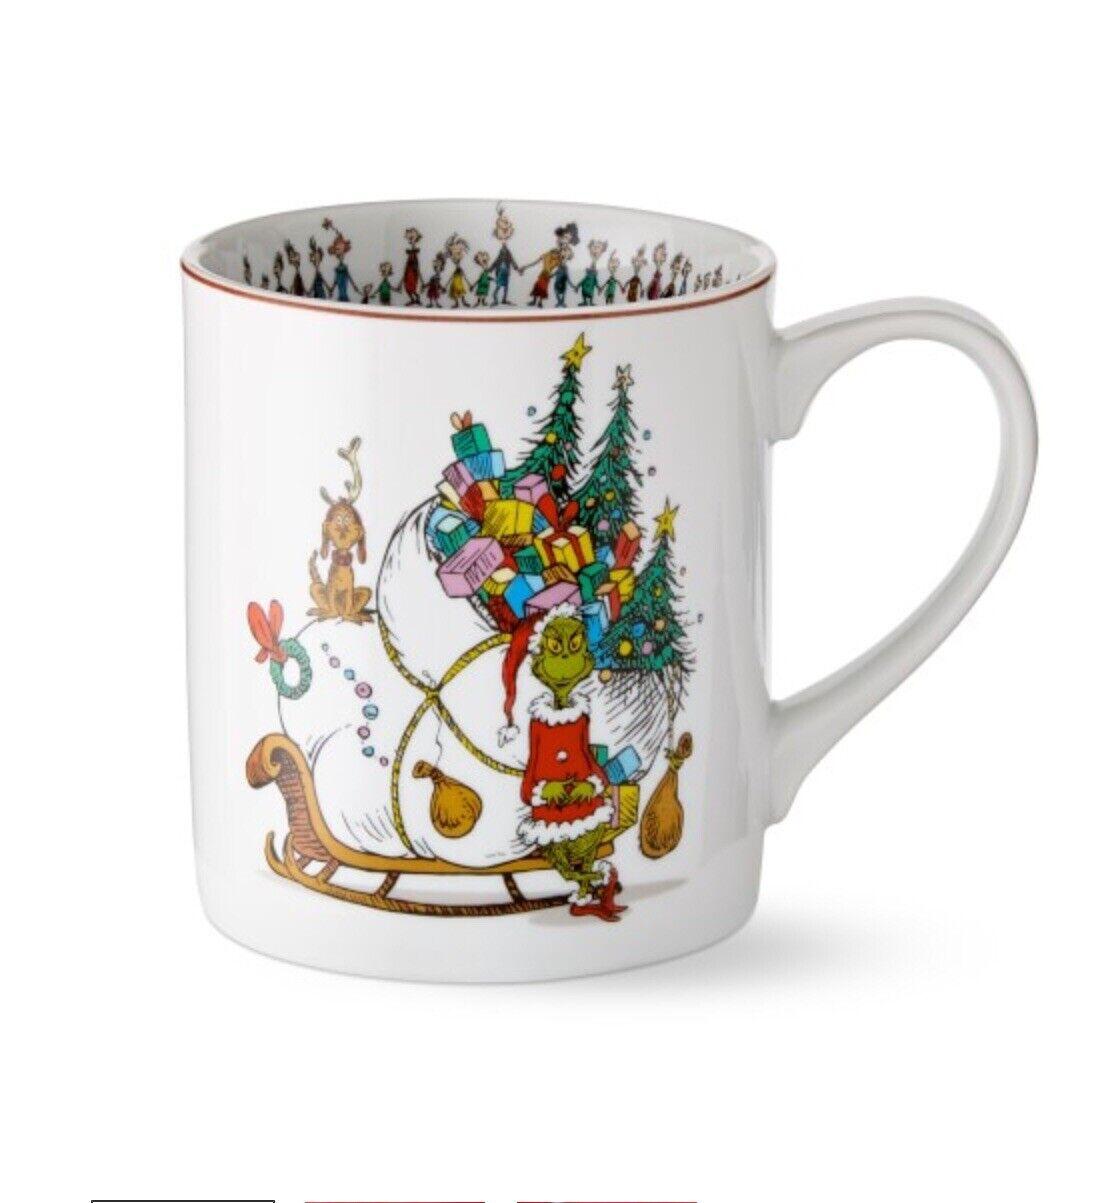 Grinch Christmas Coffee Mug Tea Cup